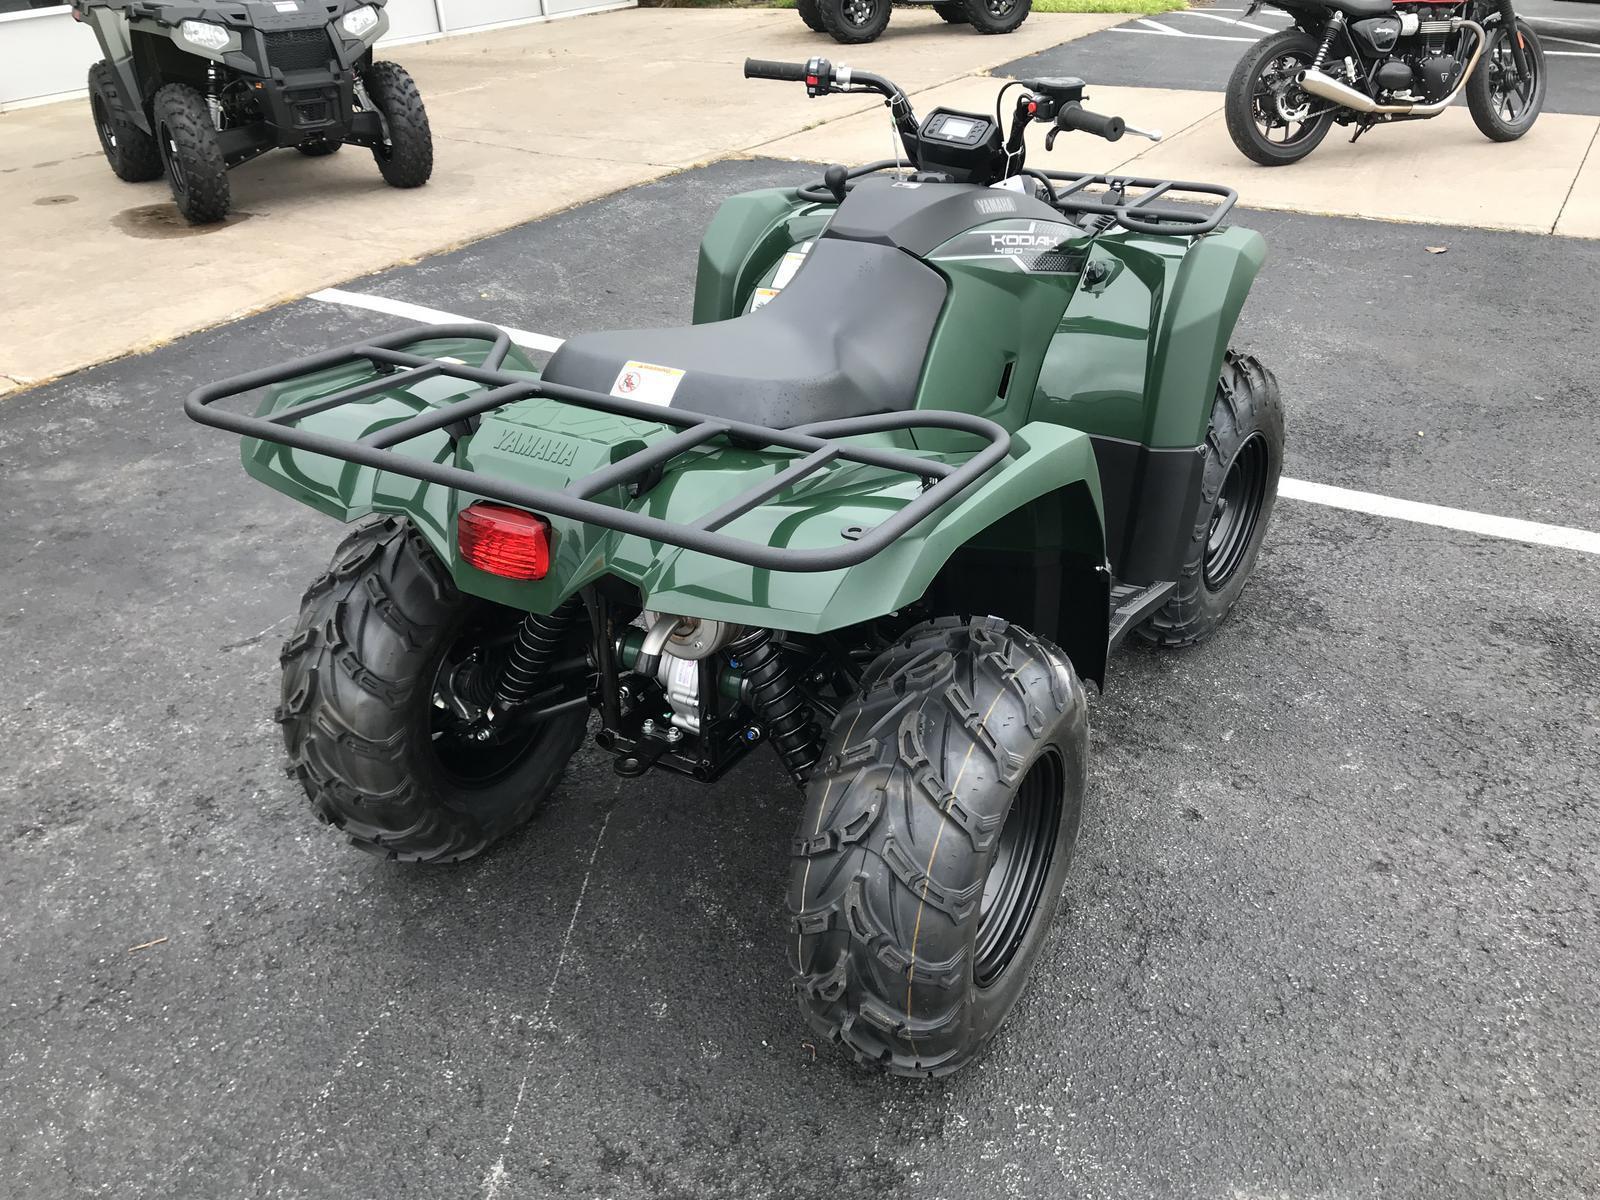 2019 Yamaha Kodiak 450 EPS 4WD Green